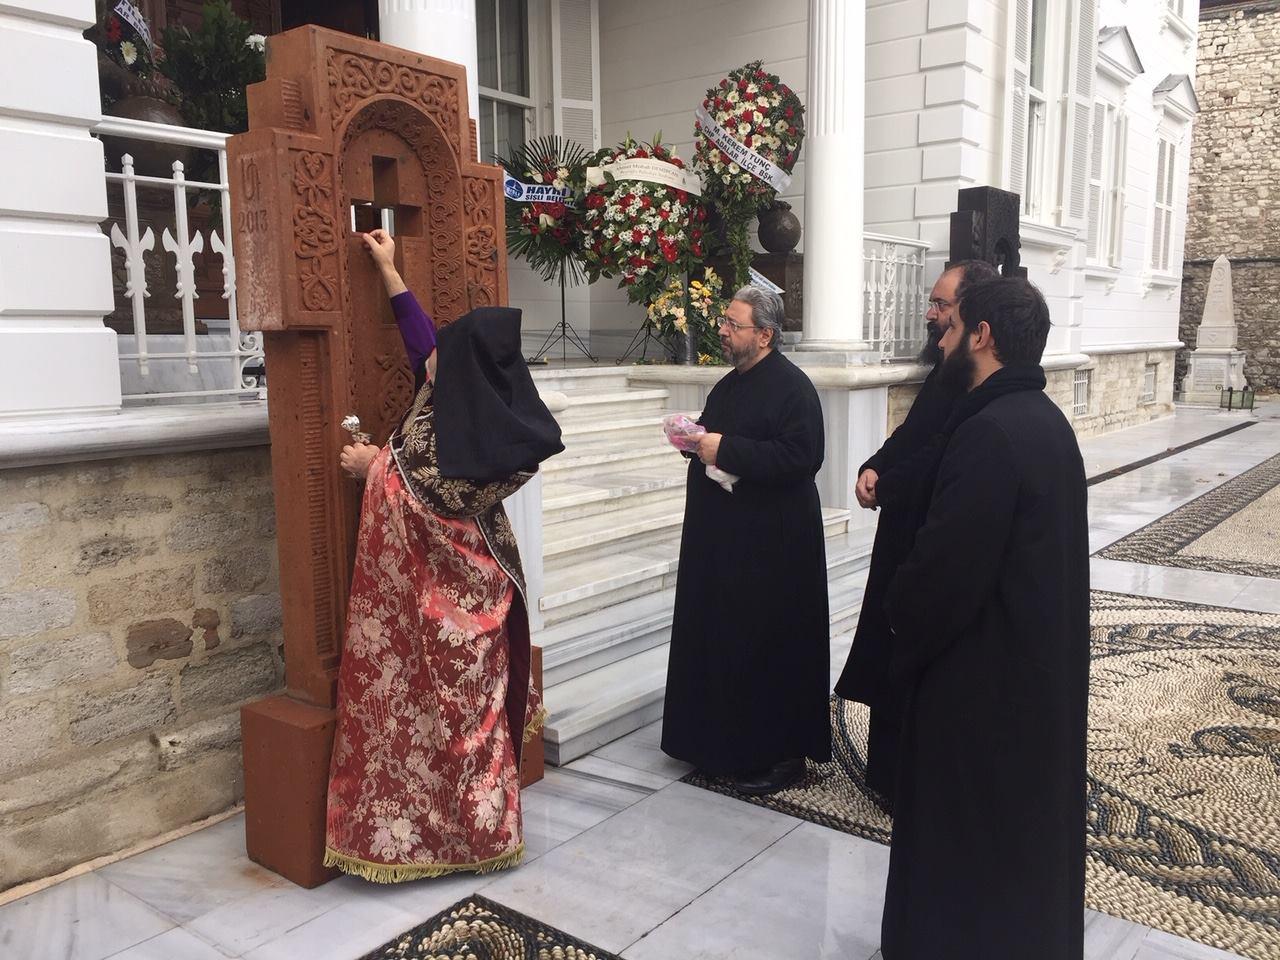 У входа в Константинопольский Патриархат ААЦ установлены новые хачкары